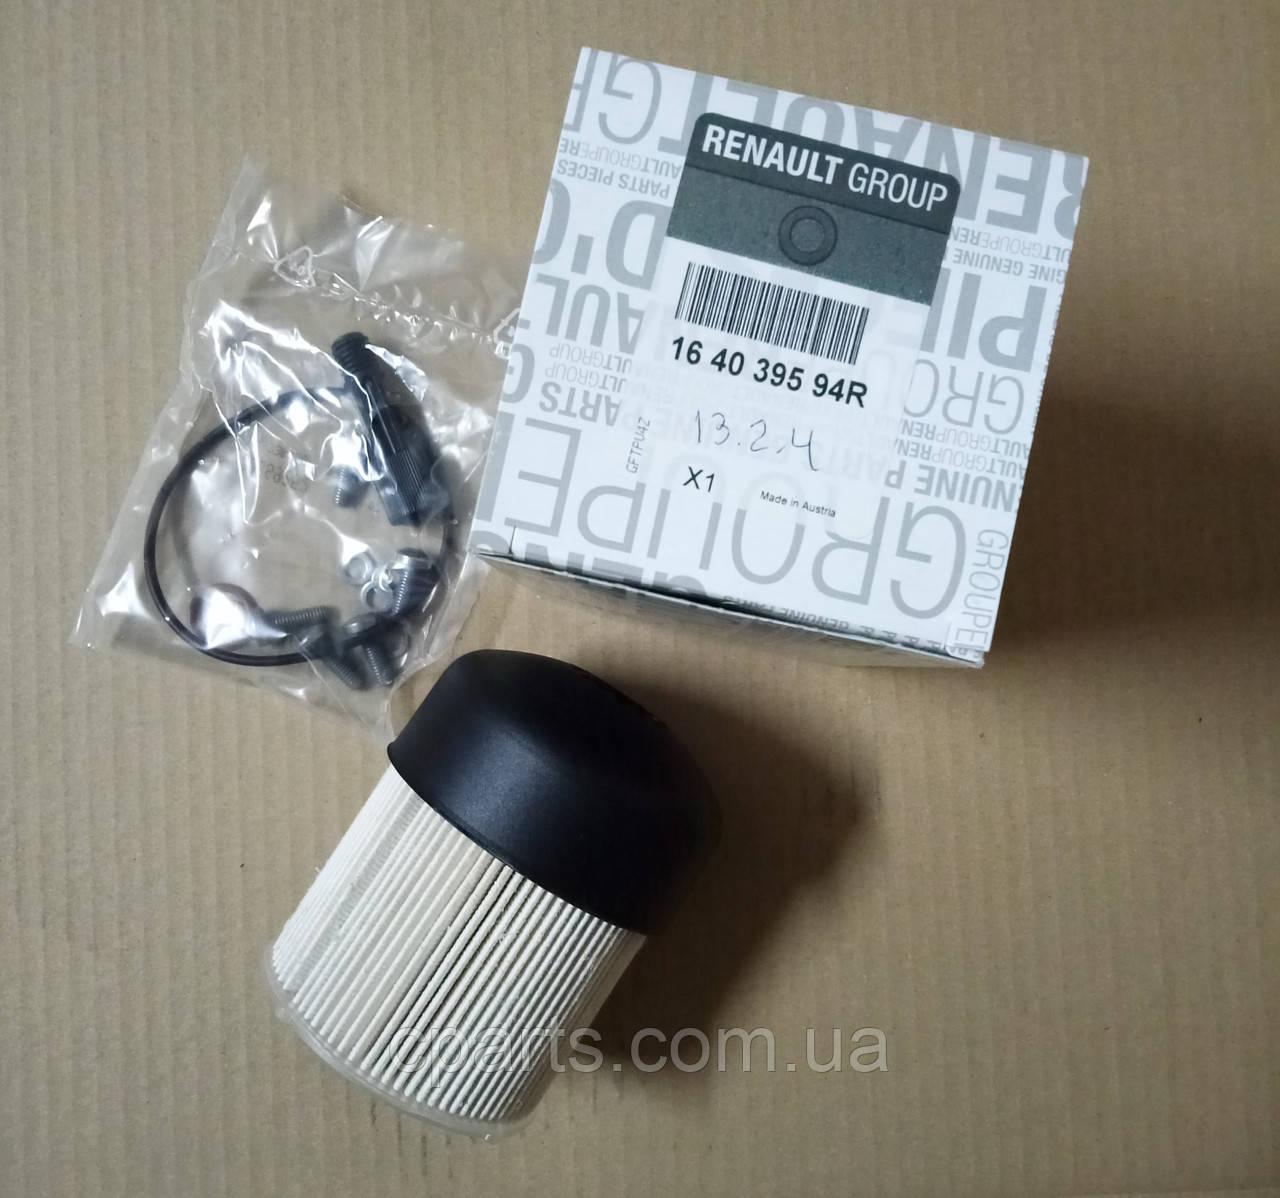 Топливный фильтр (вставка) Renault Lodgy 1.5 DCI (оригинал)